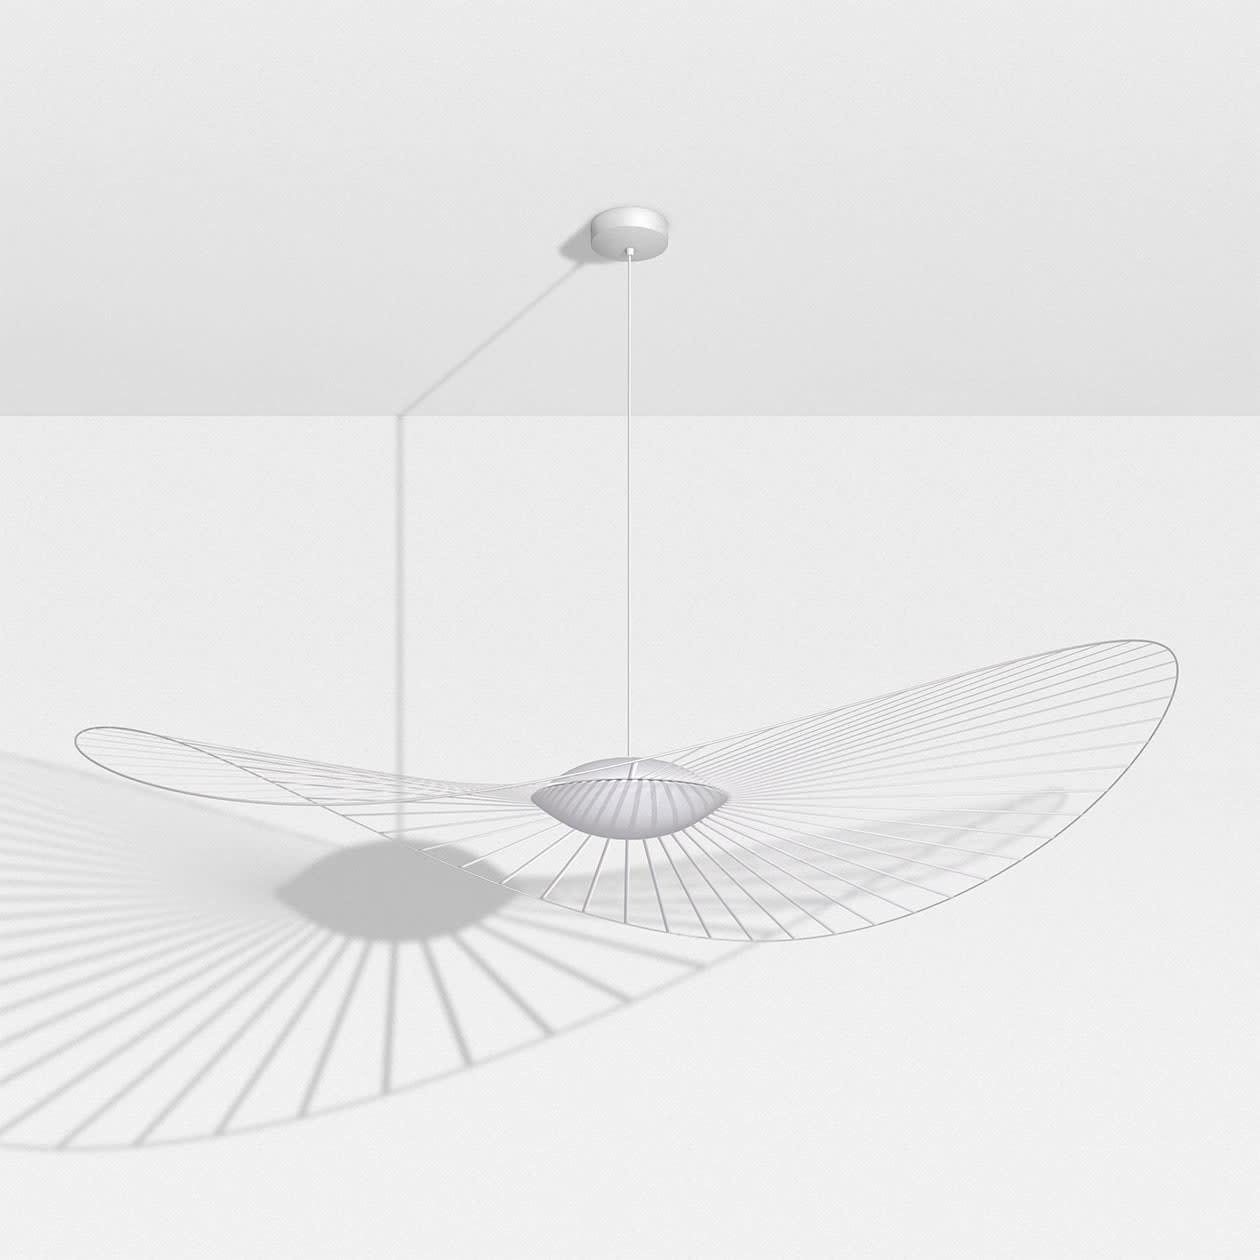 Petite Friture Vertigo Nova Hanglamp Ø 190 cm